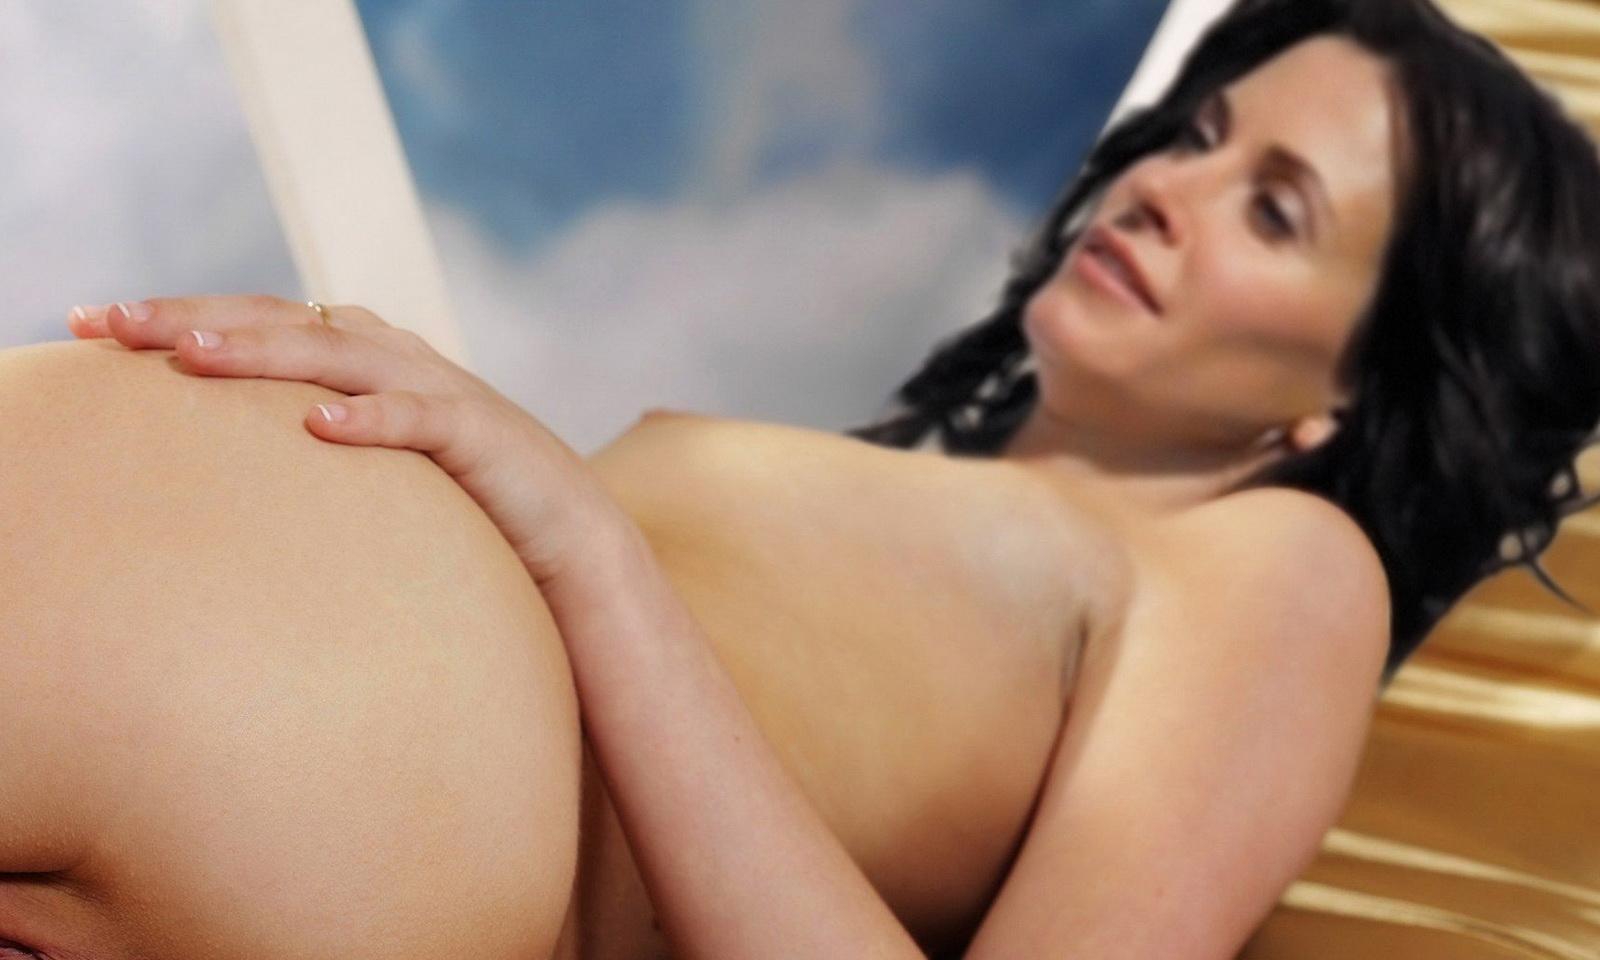 tera patrick naked blow job